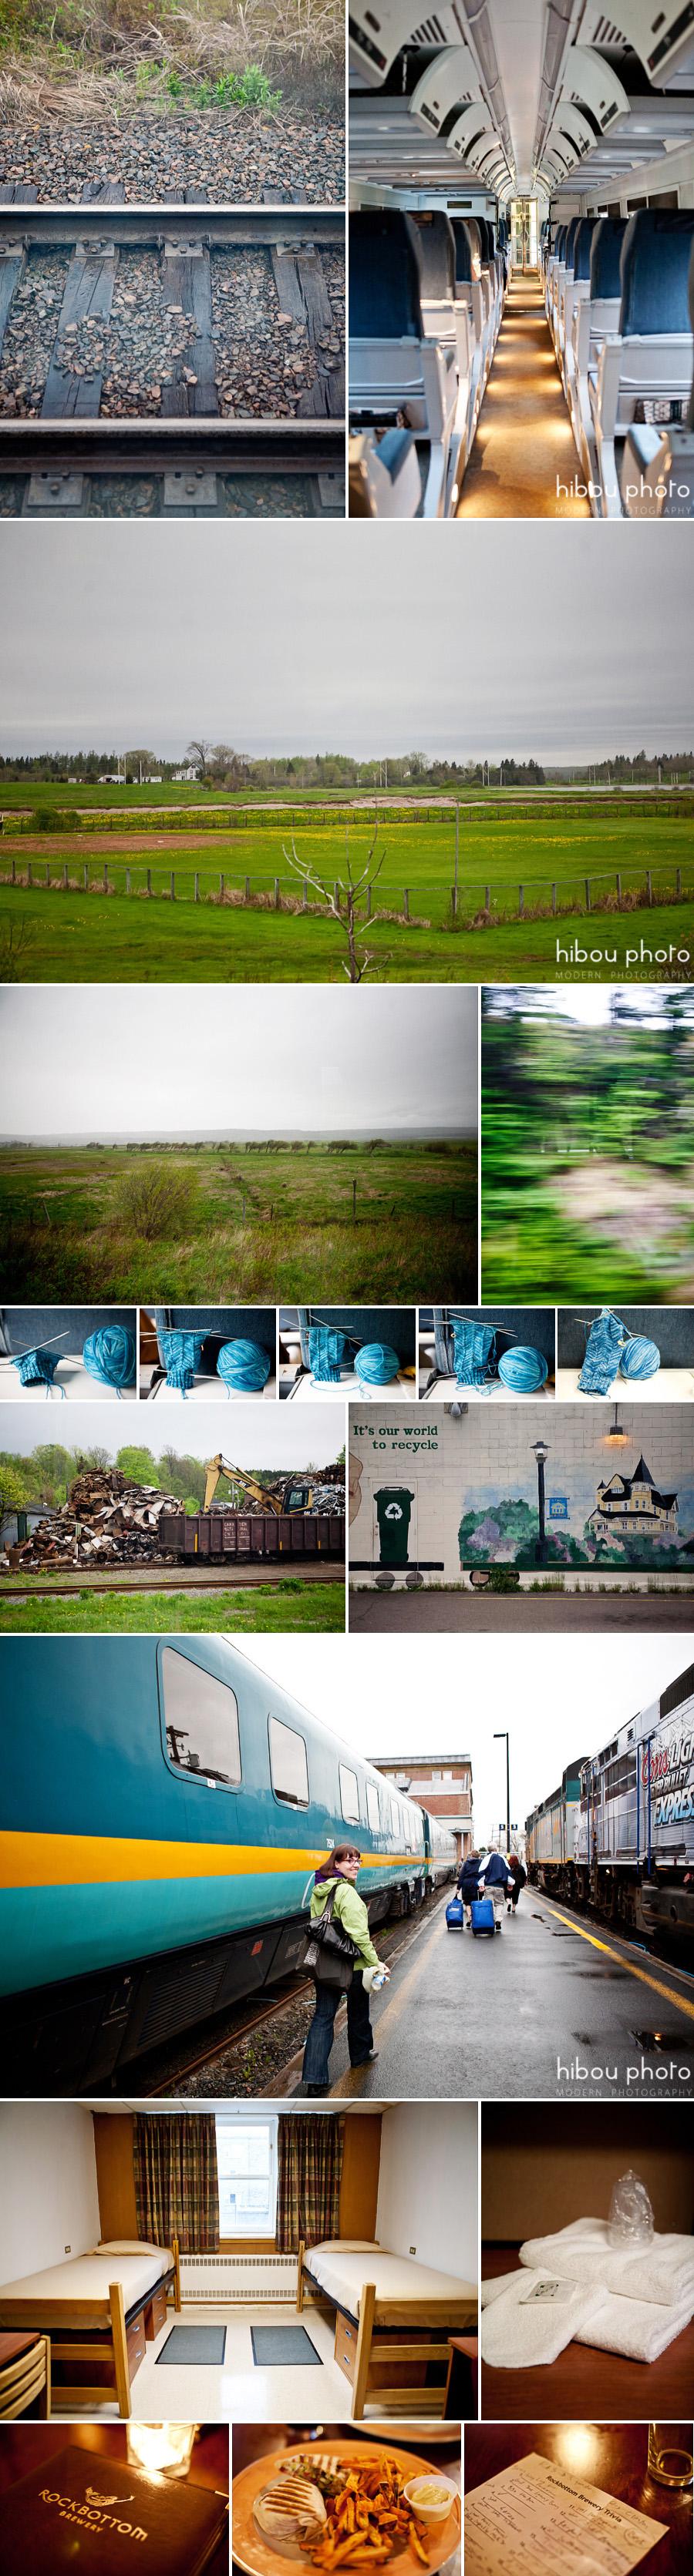 hibou photo - fredericton photographer